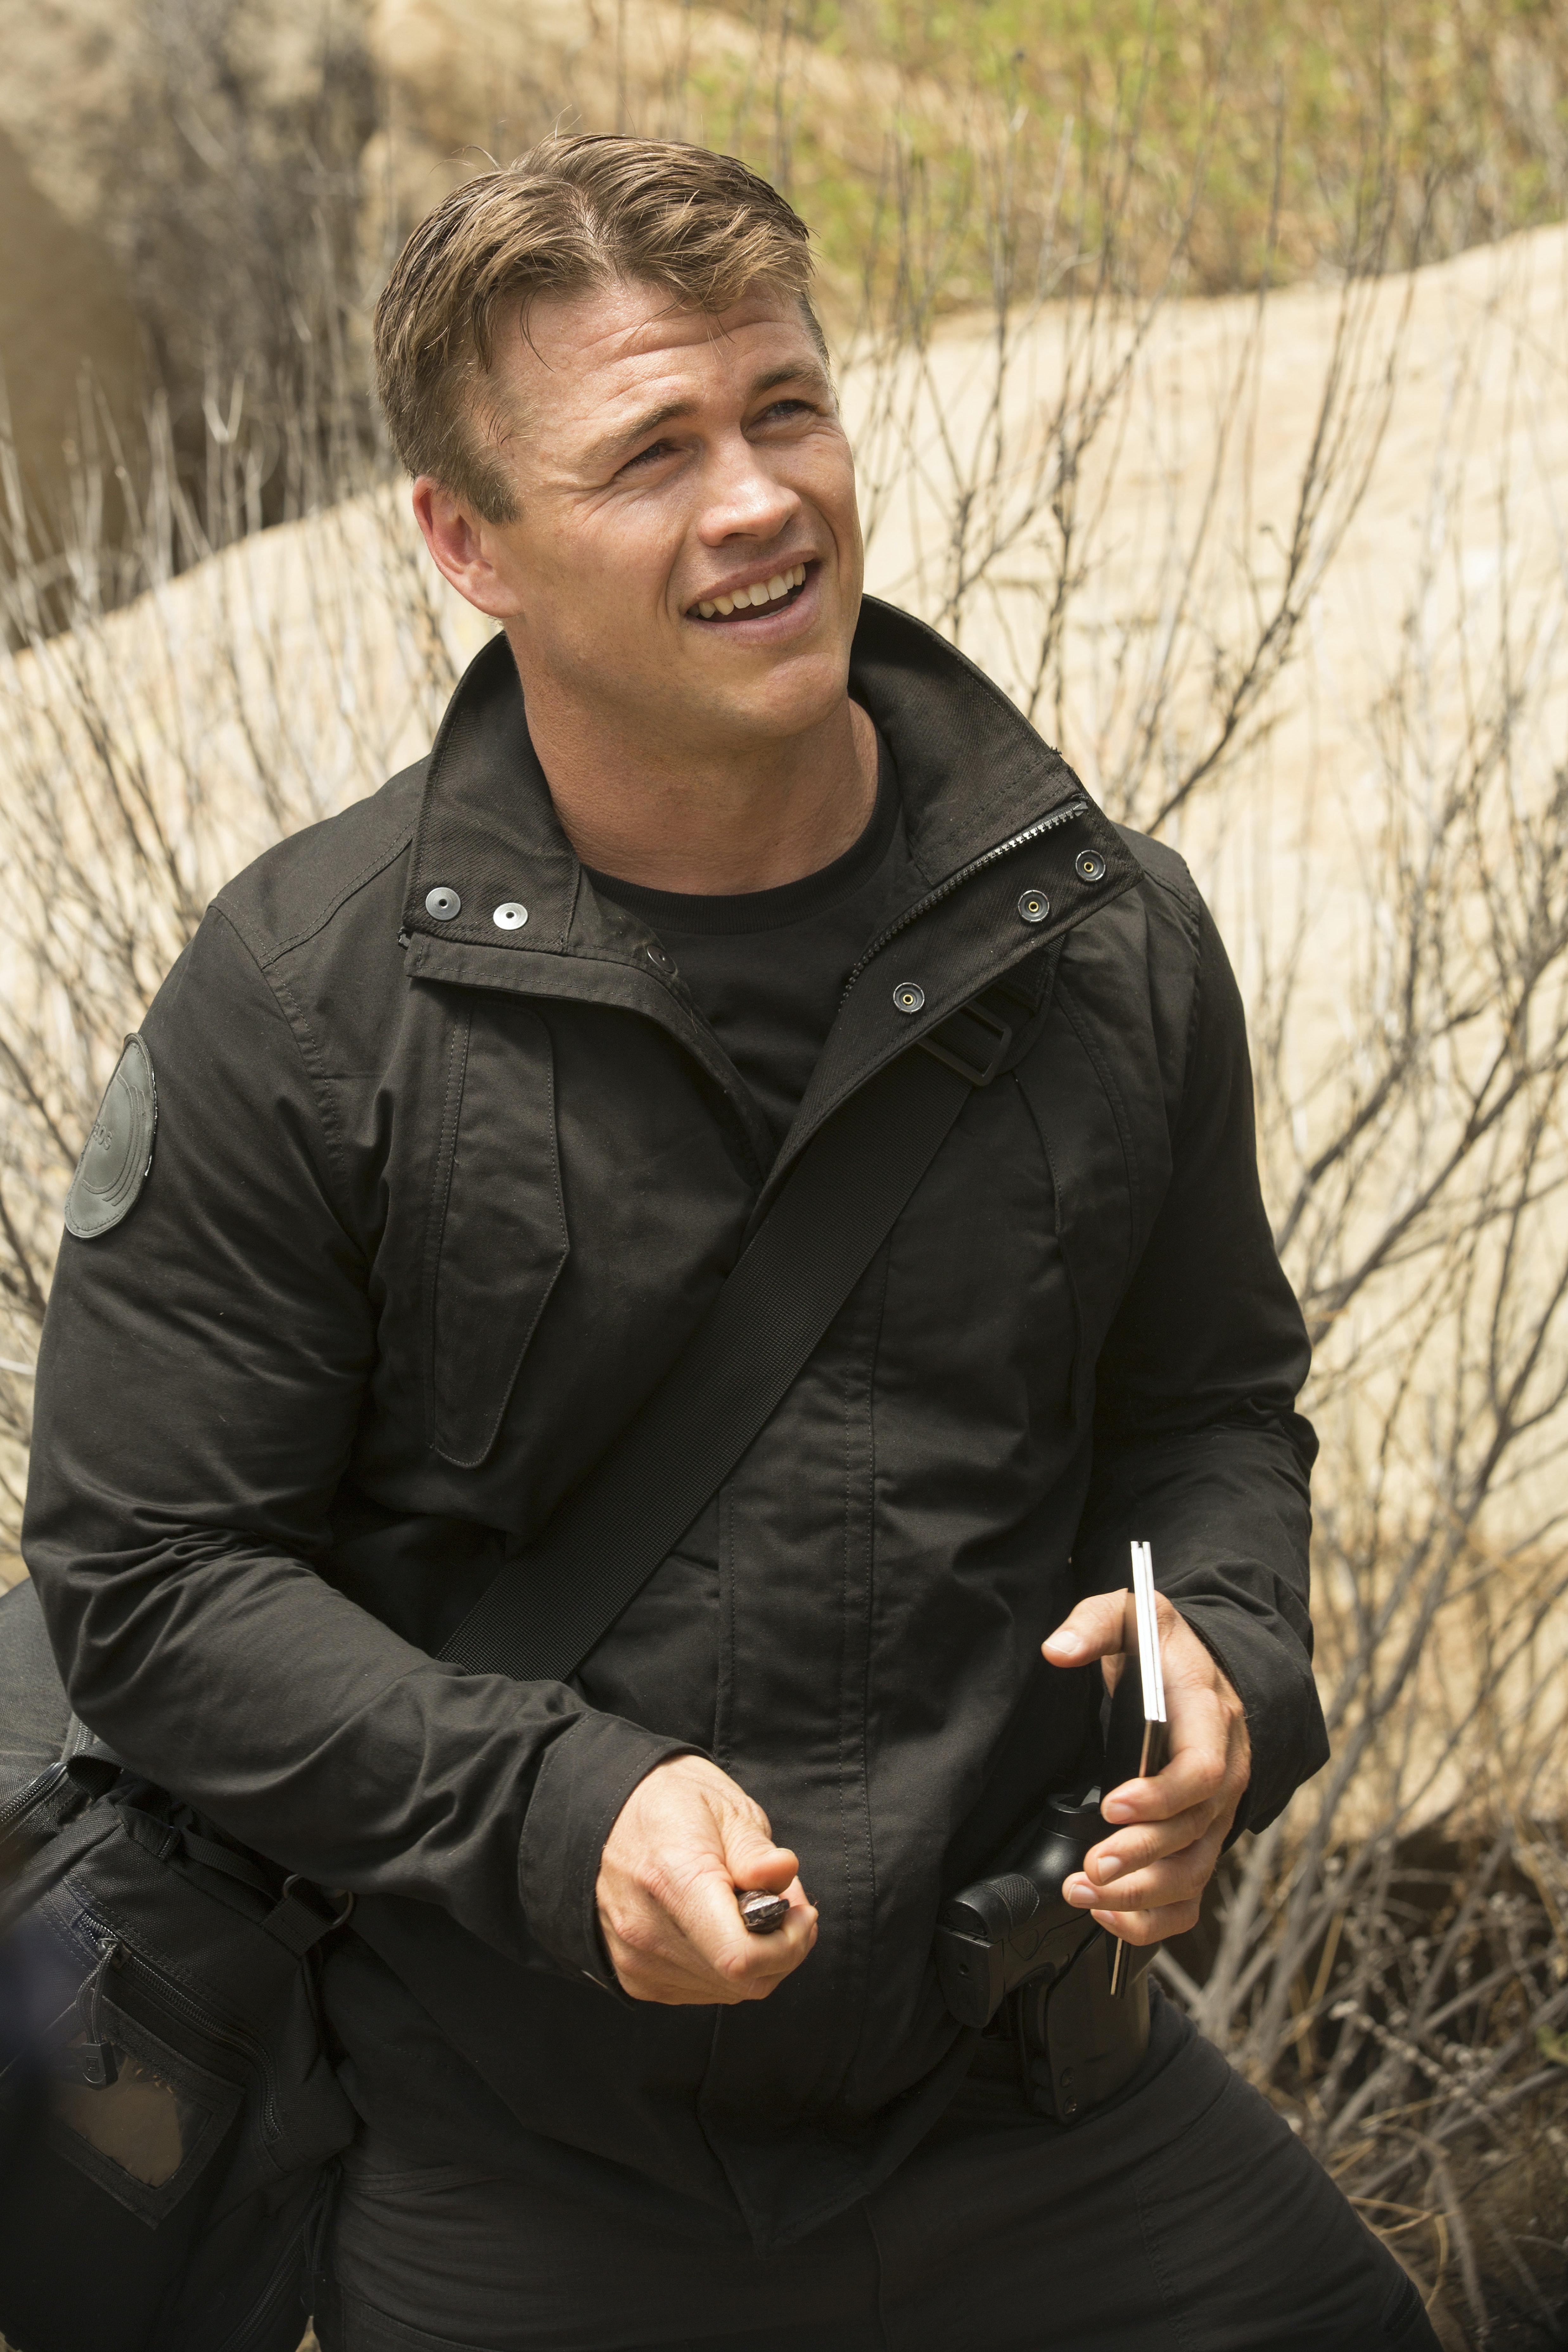 Luke Hemsworth as Ashley Stubbs in 'Westworld'